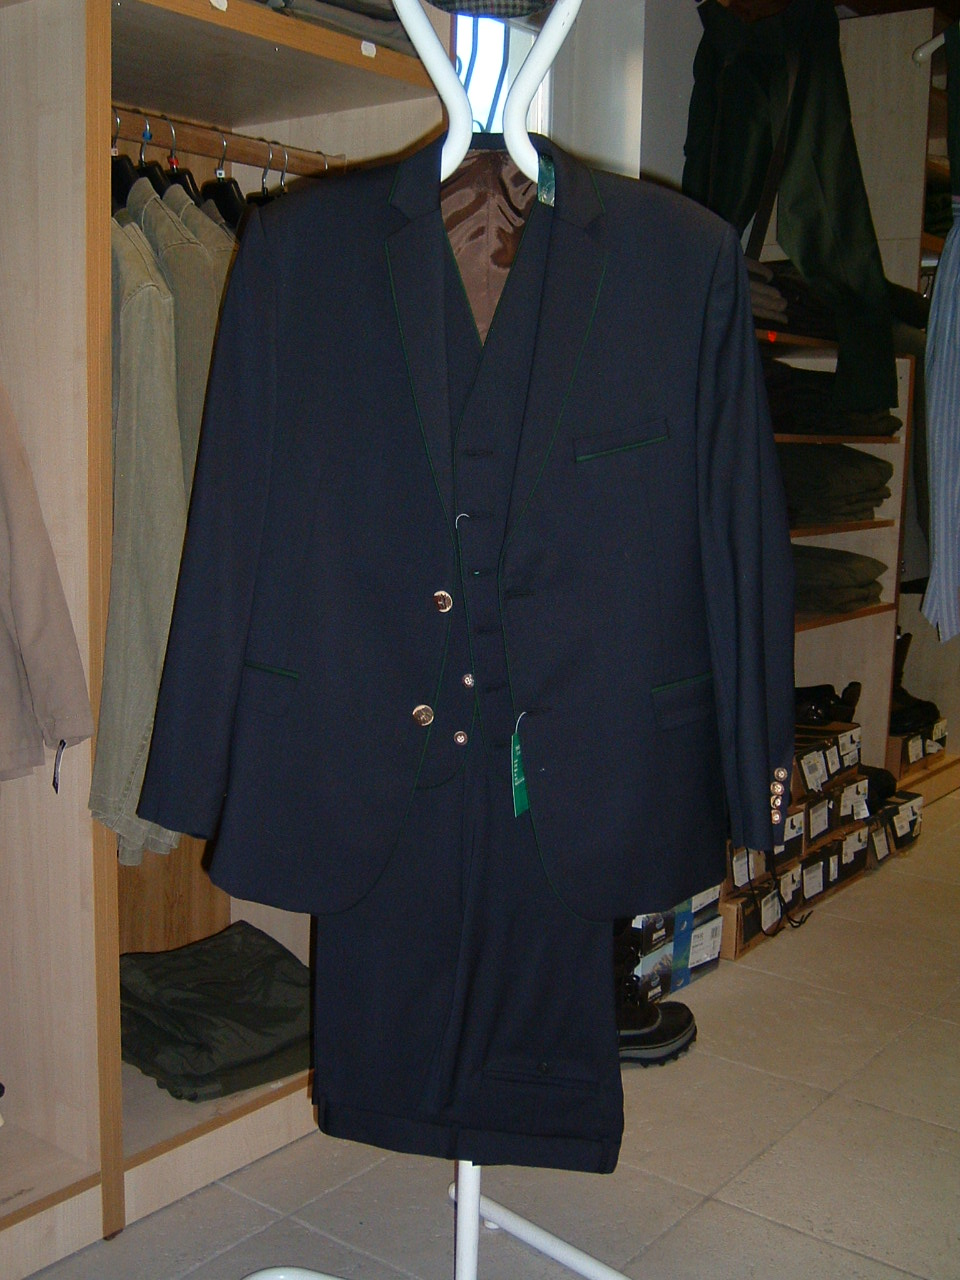 fdb3df16f6 40354 Vadász öltöny hímzett hajtókával